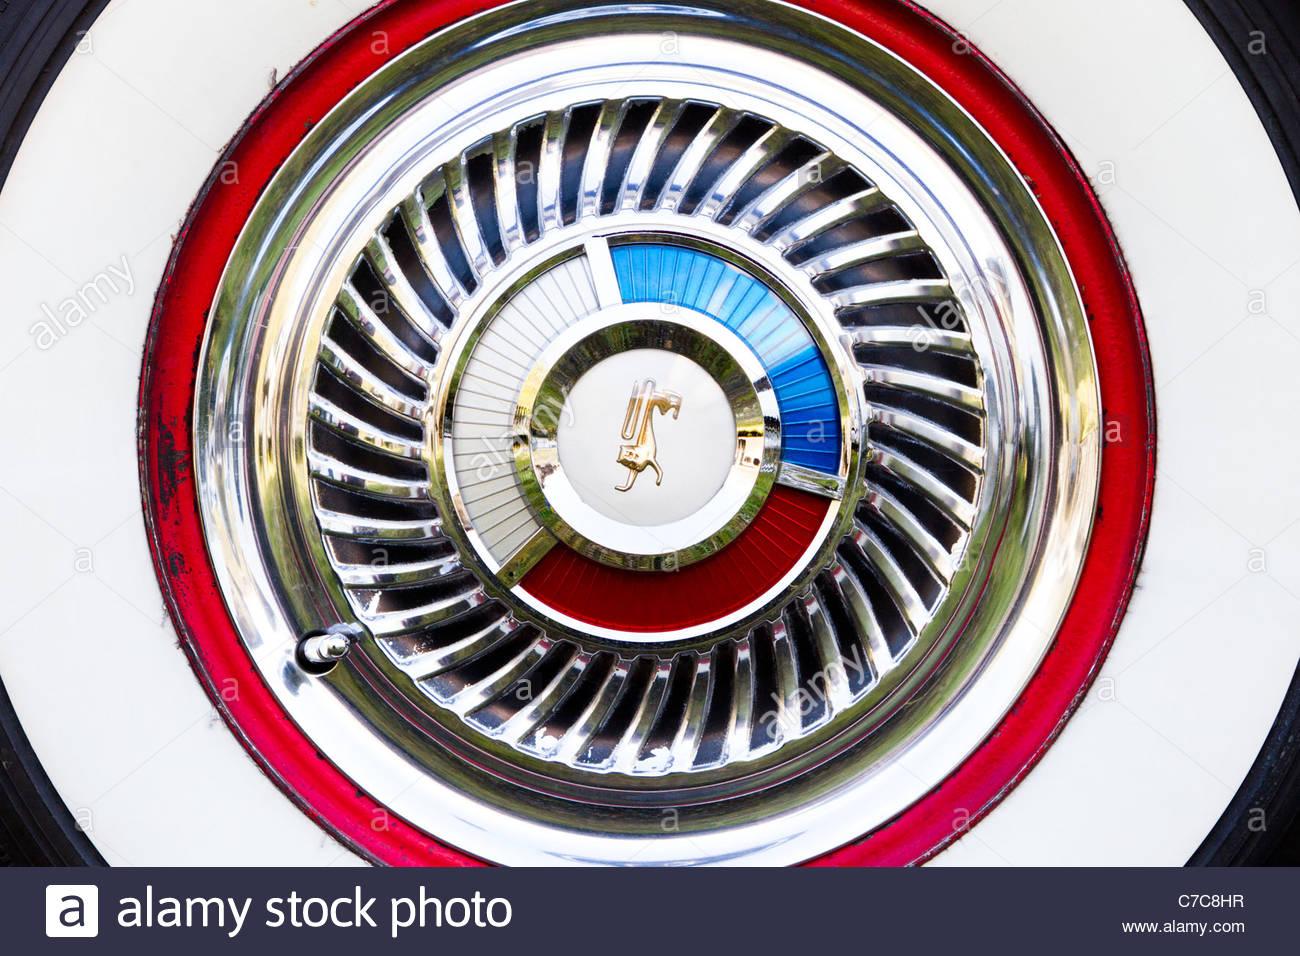 Whitewall wheel rim on a Ford Fairlane Galaxie classic ...